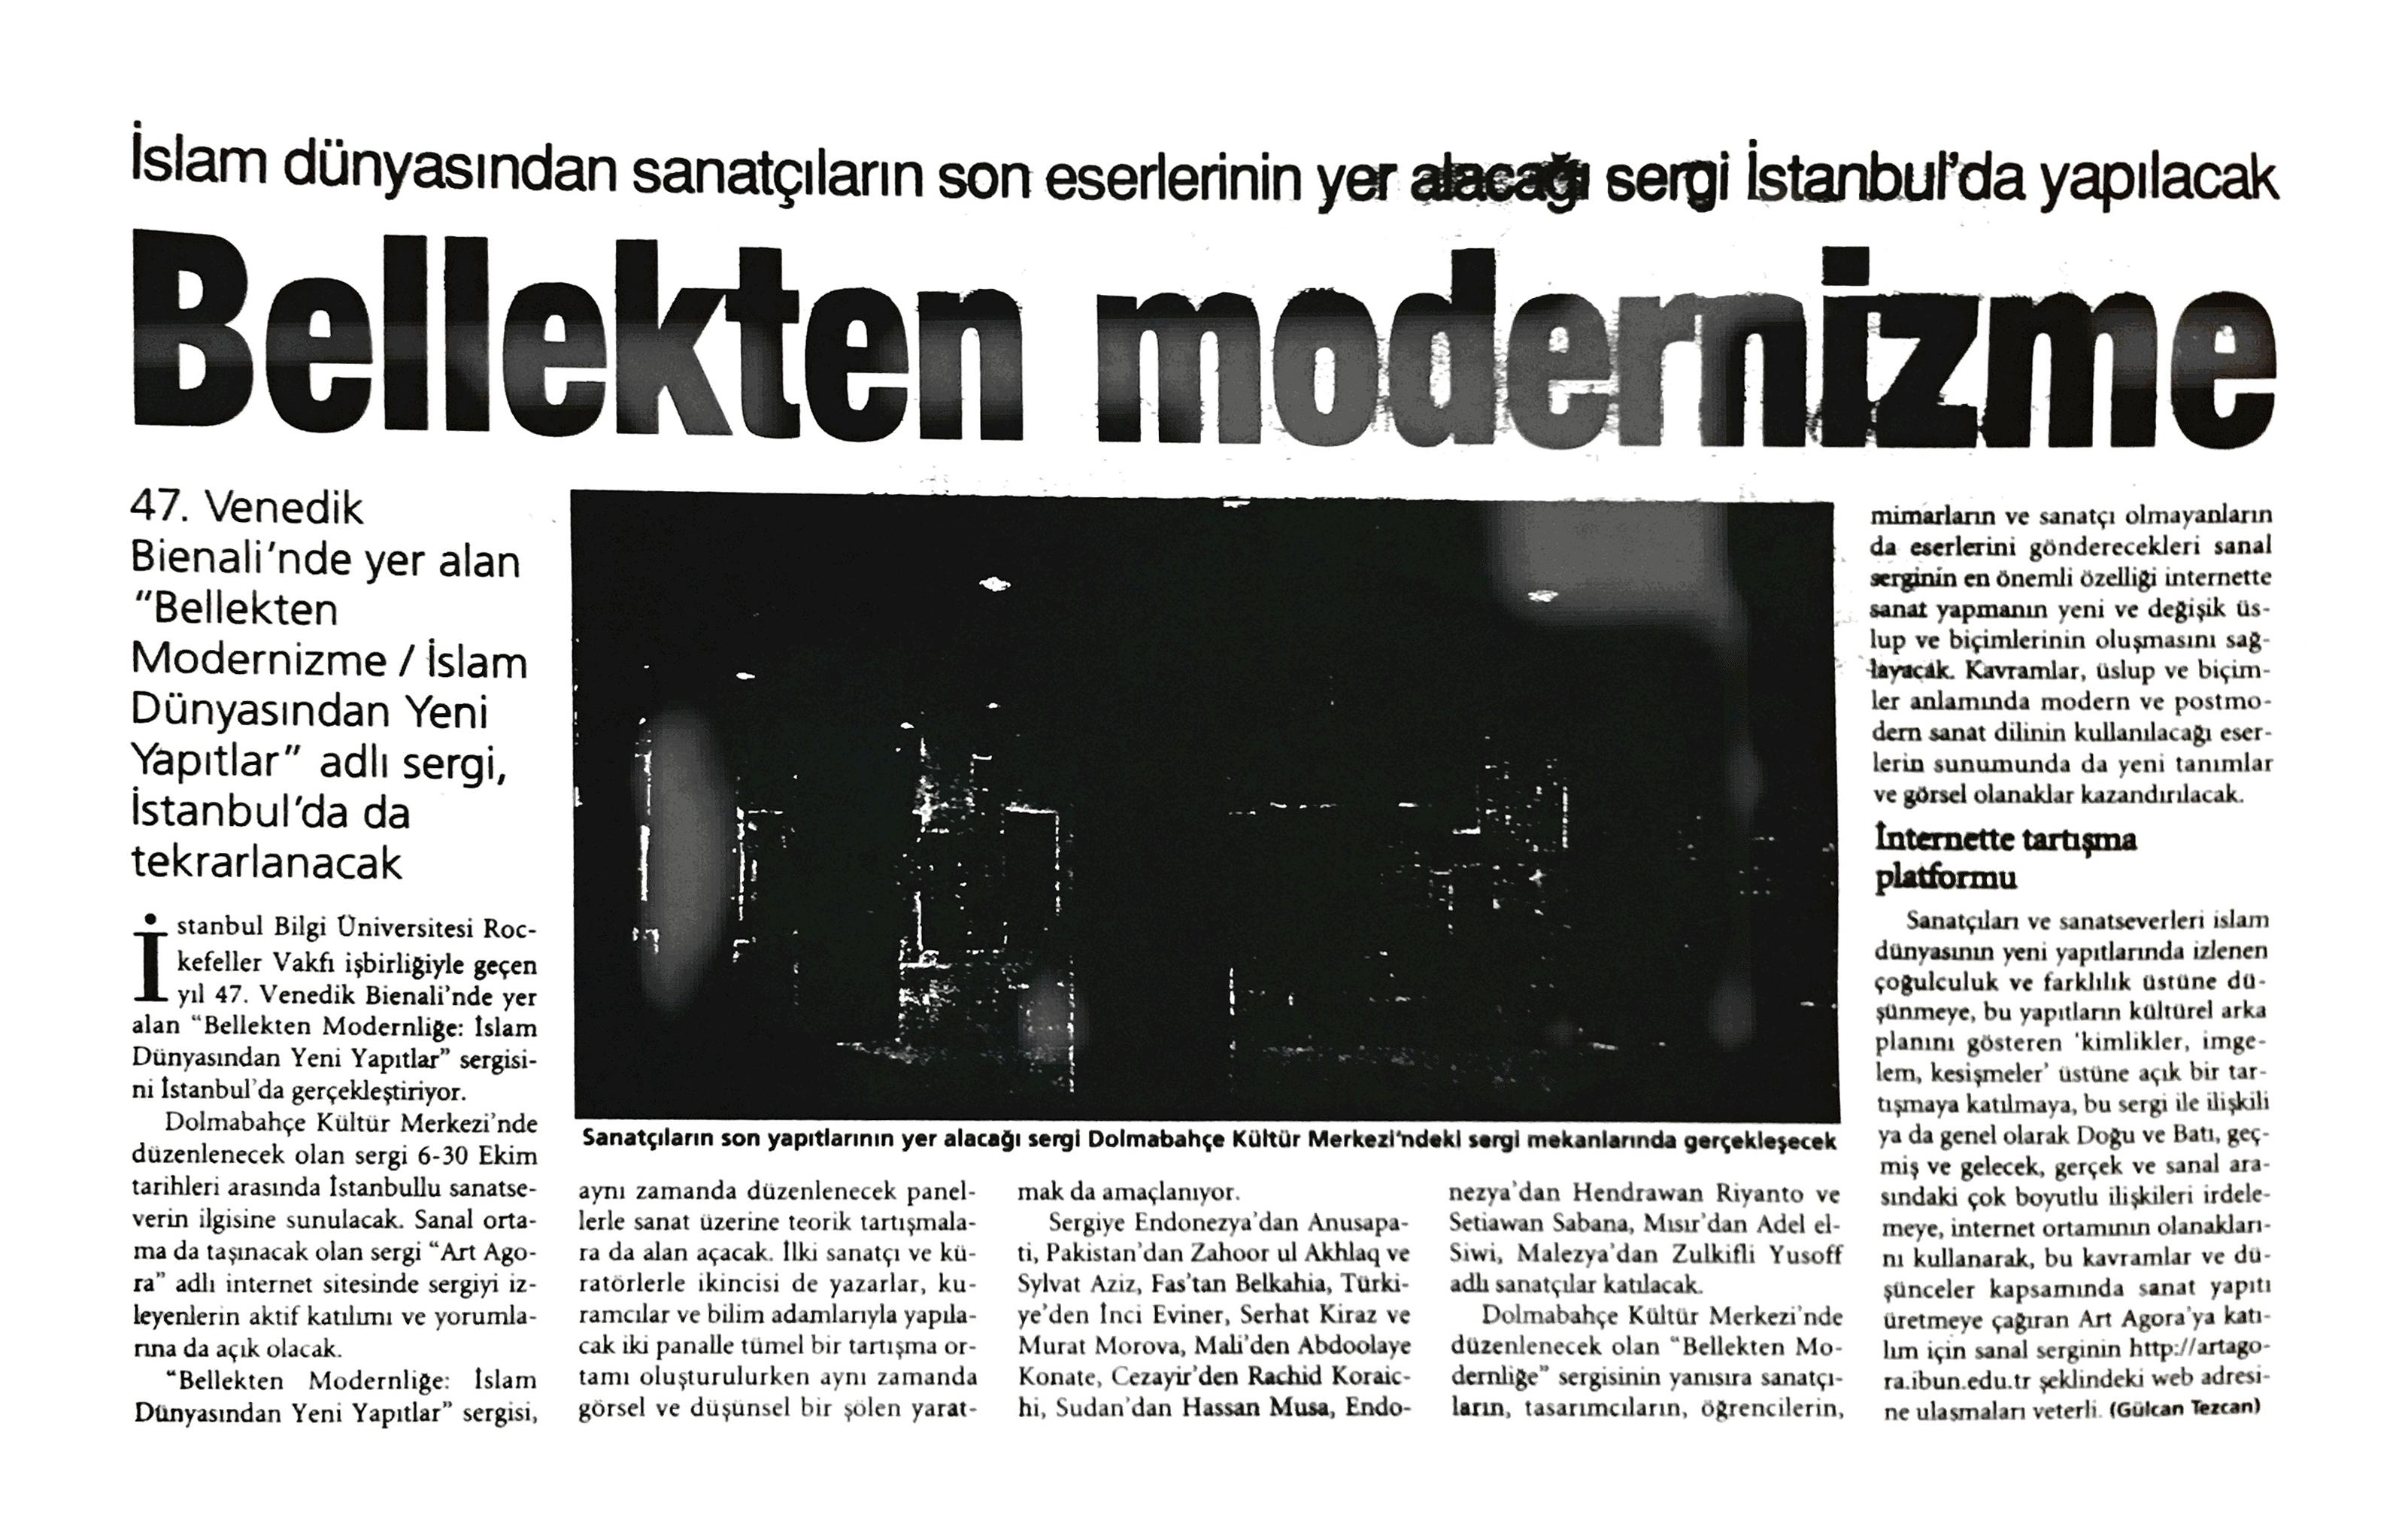 1998_YeniSafak_27Ağustos